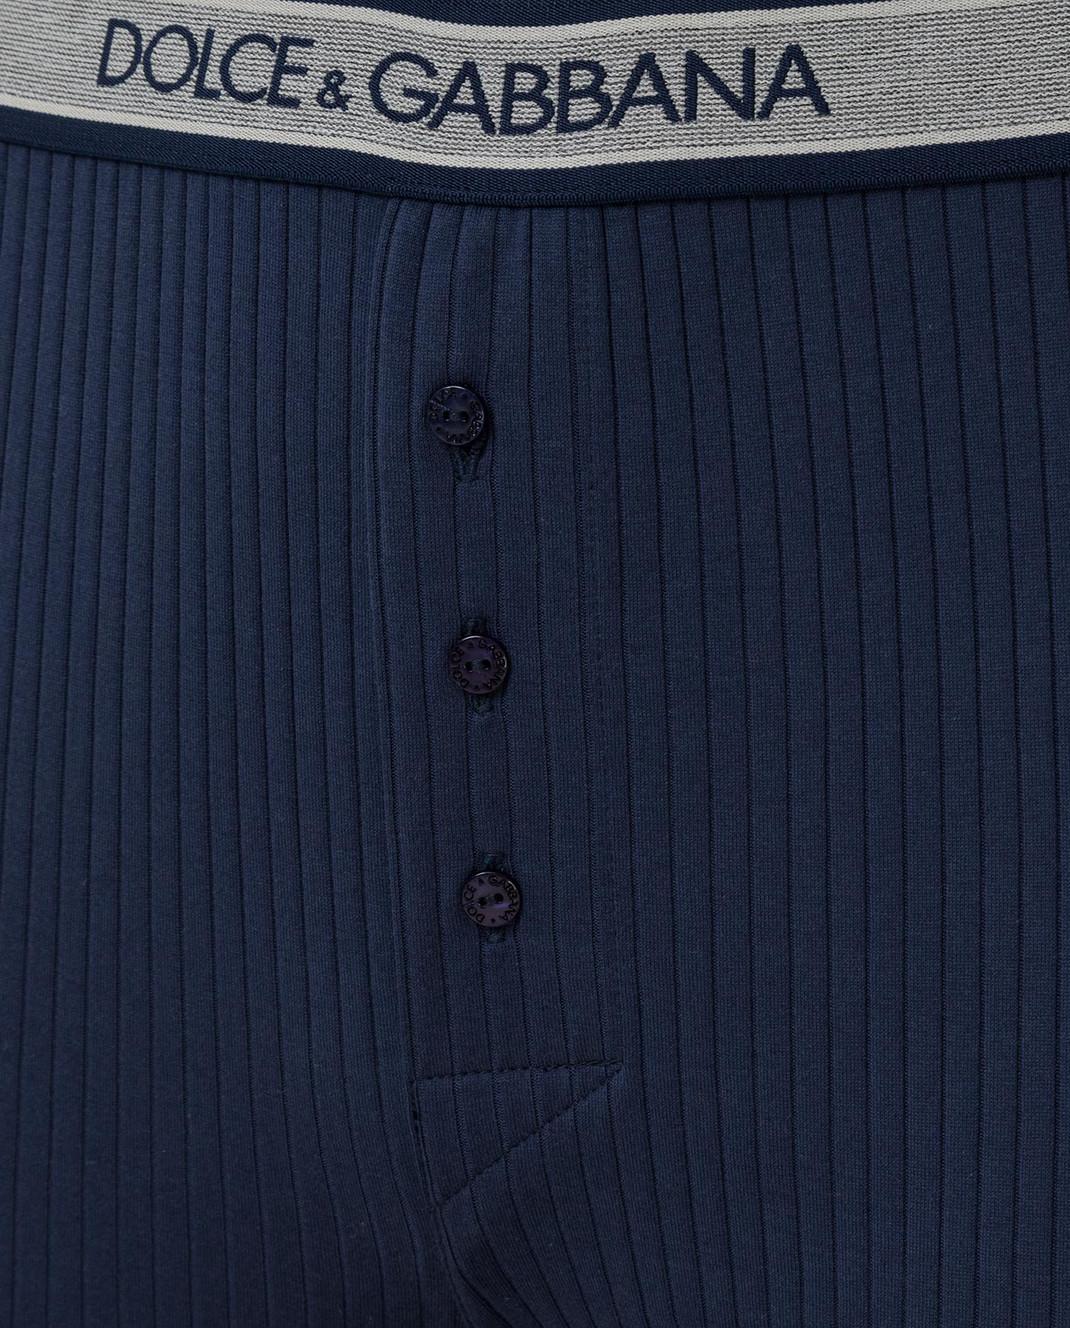 Dolce&Gabbana Темно-синие кальсоны N6A30JFU7F4 изображение 3